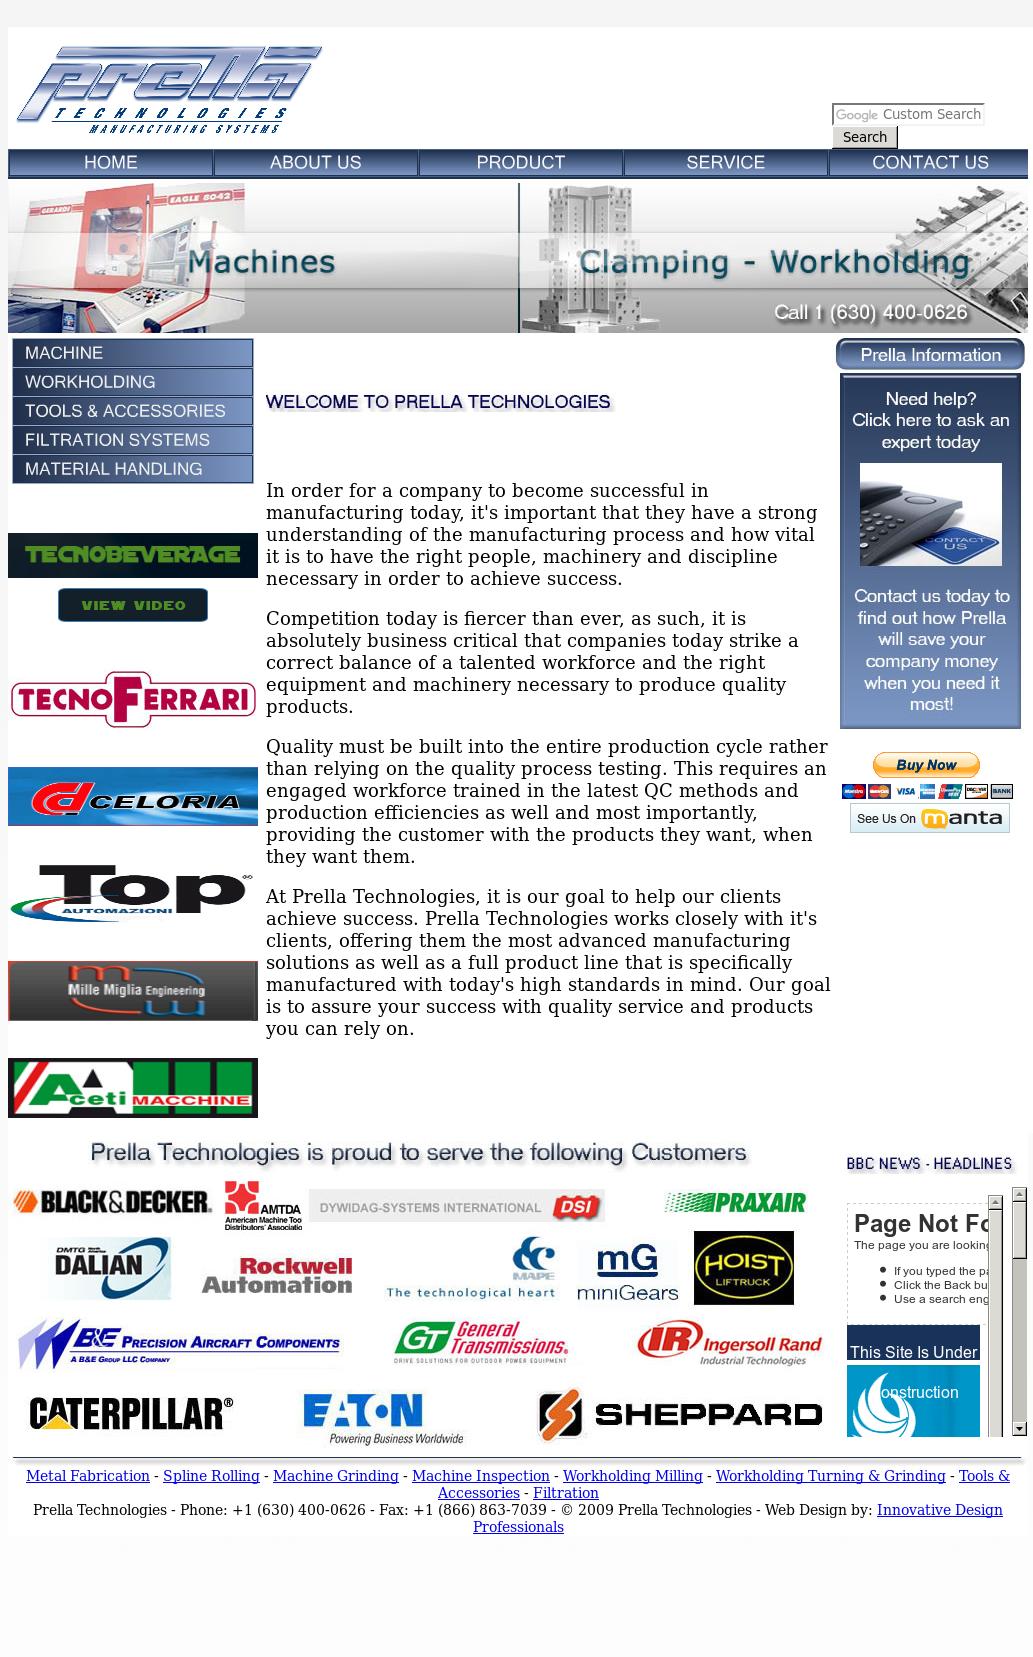 Prella Technologies Competitors, Revenue and Employees